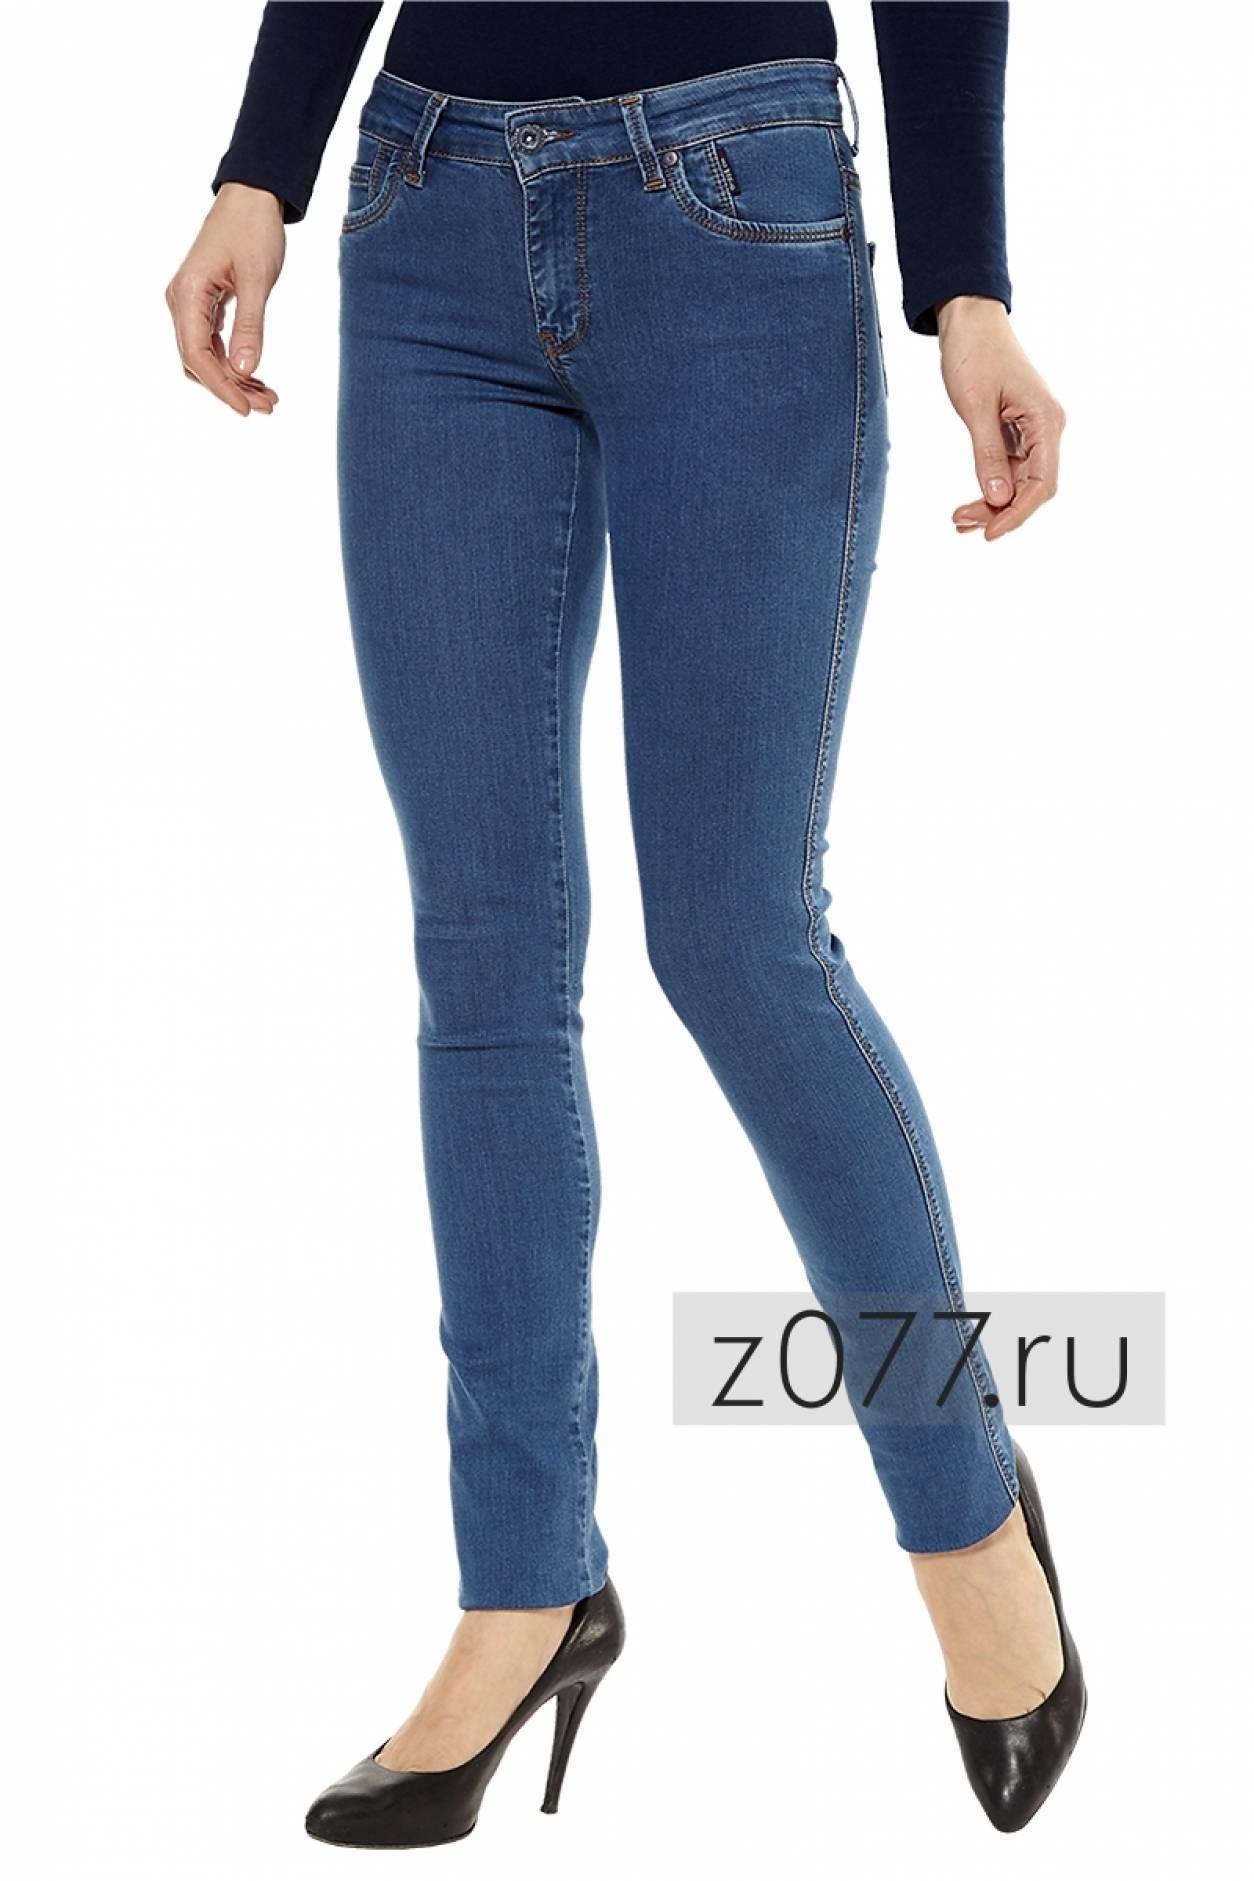 Ш джинса переделки украшаем перешиваем роспис